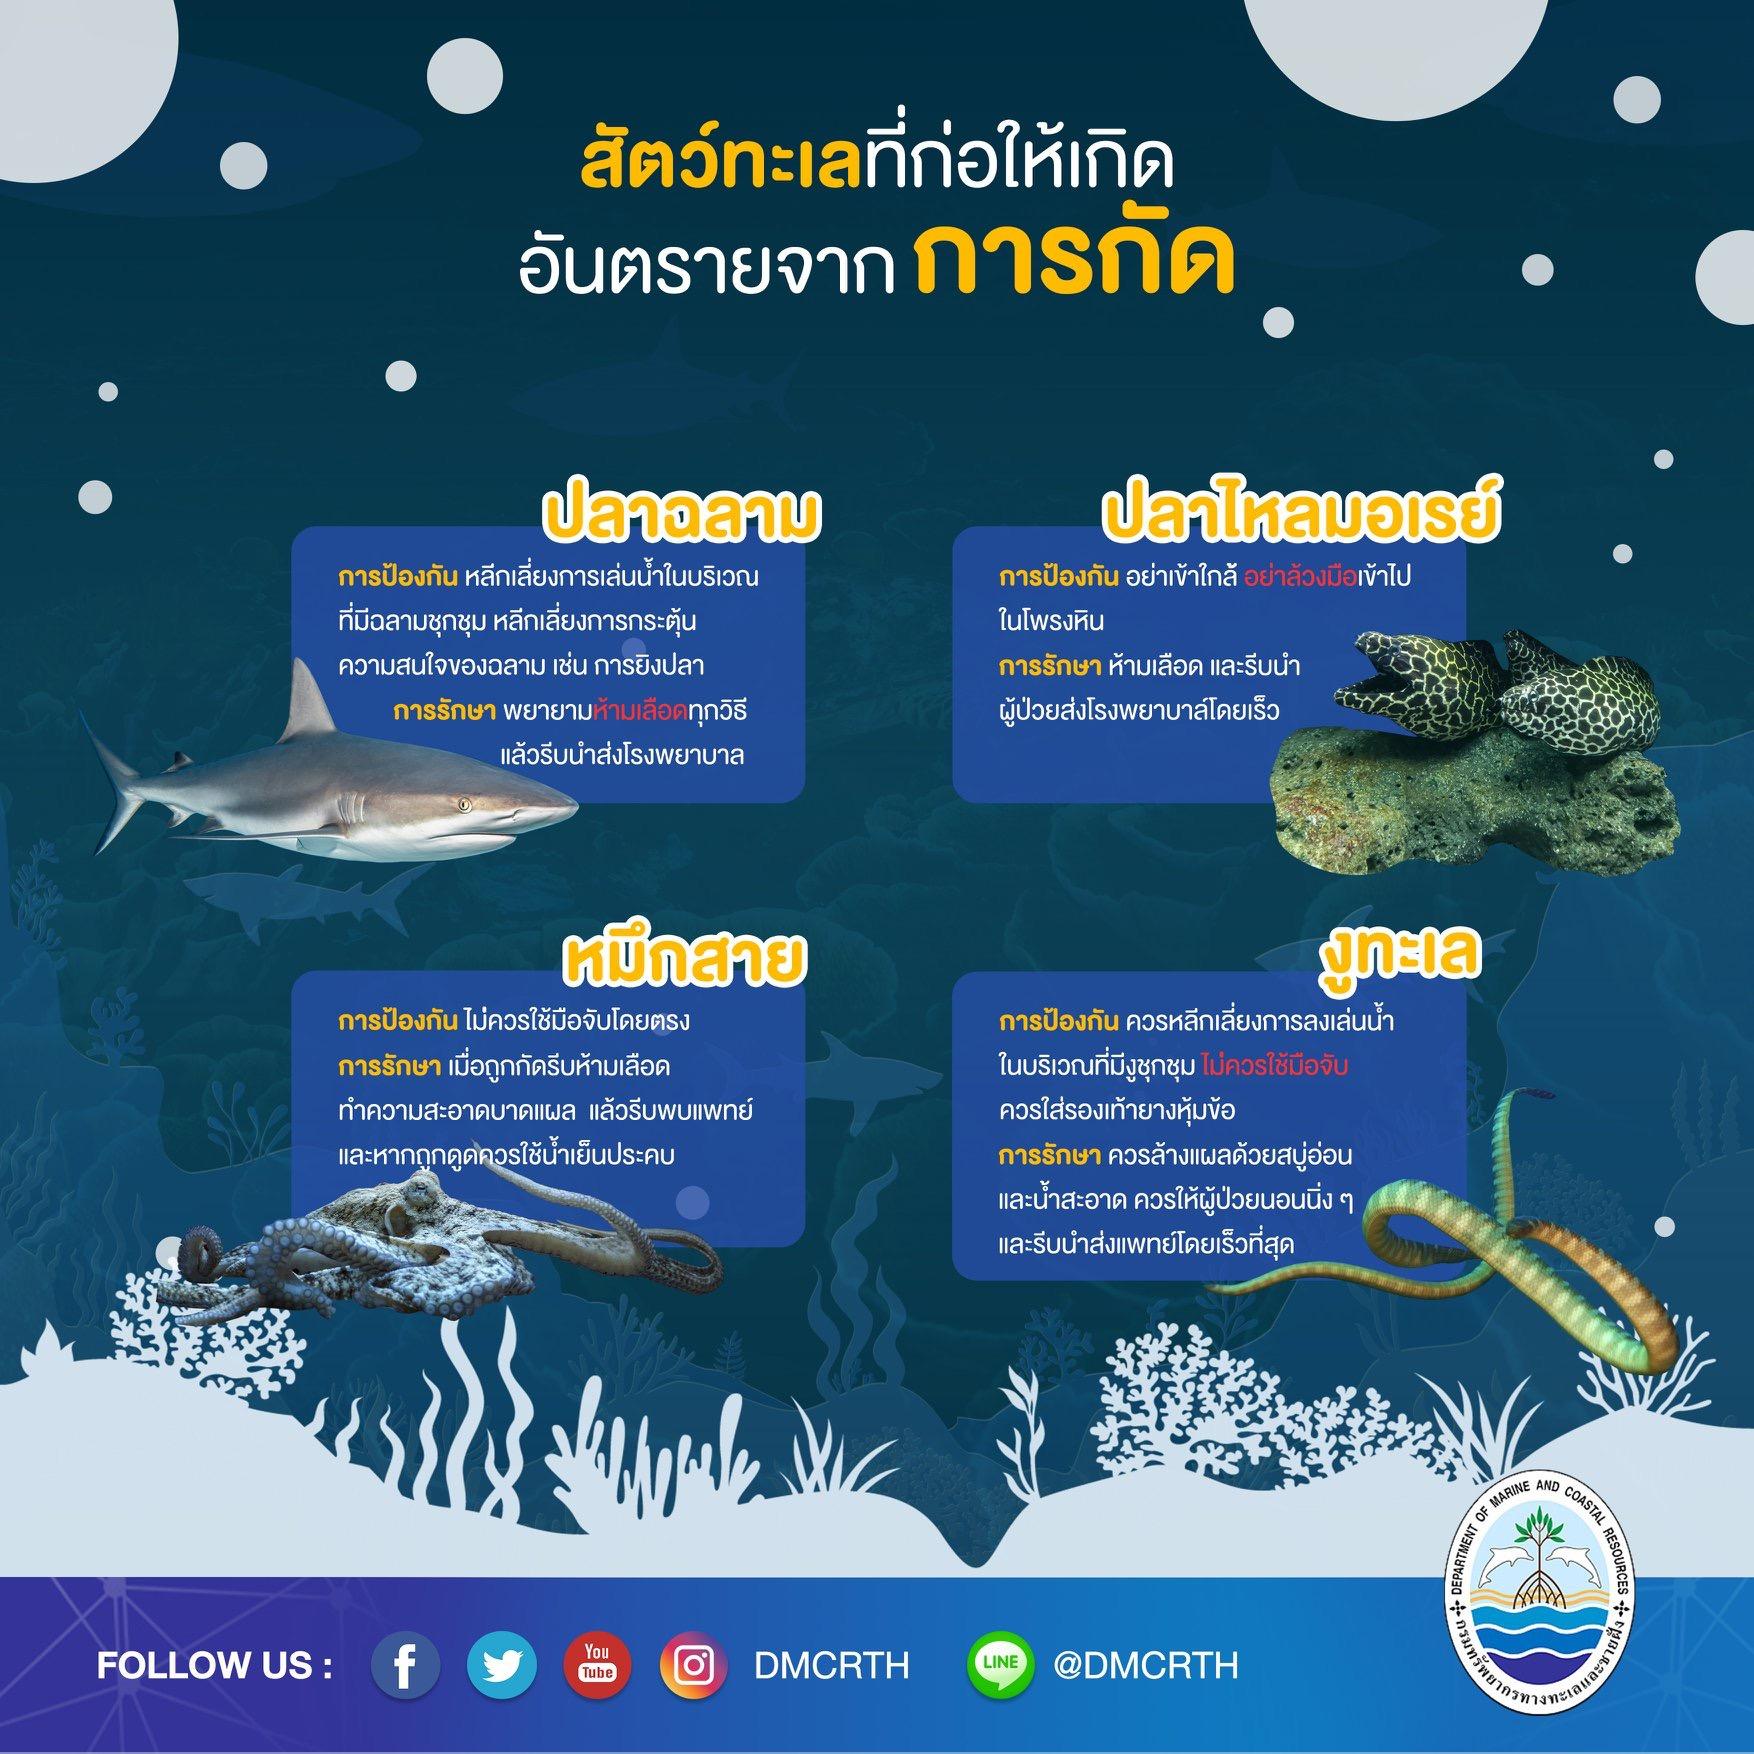 เที่ยวทะเลให้ปลอดภัย ระวังภัยจากสัตว์ทะเล : การกัด